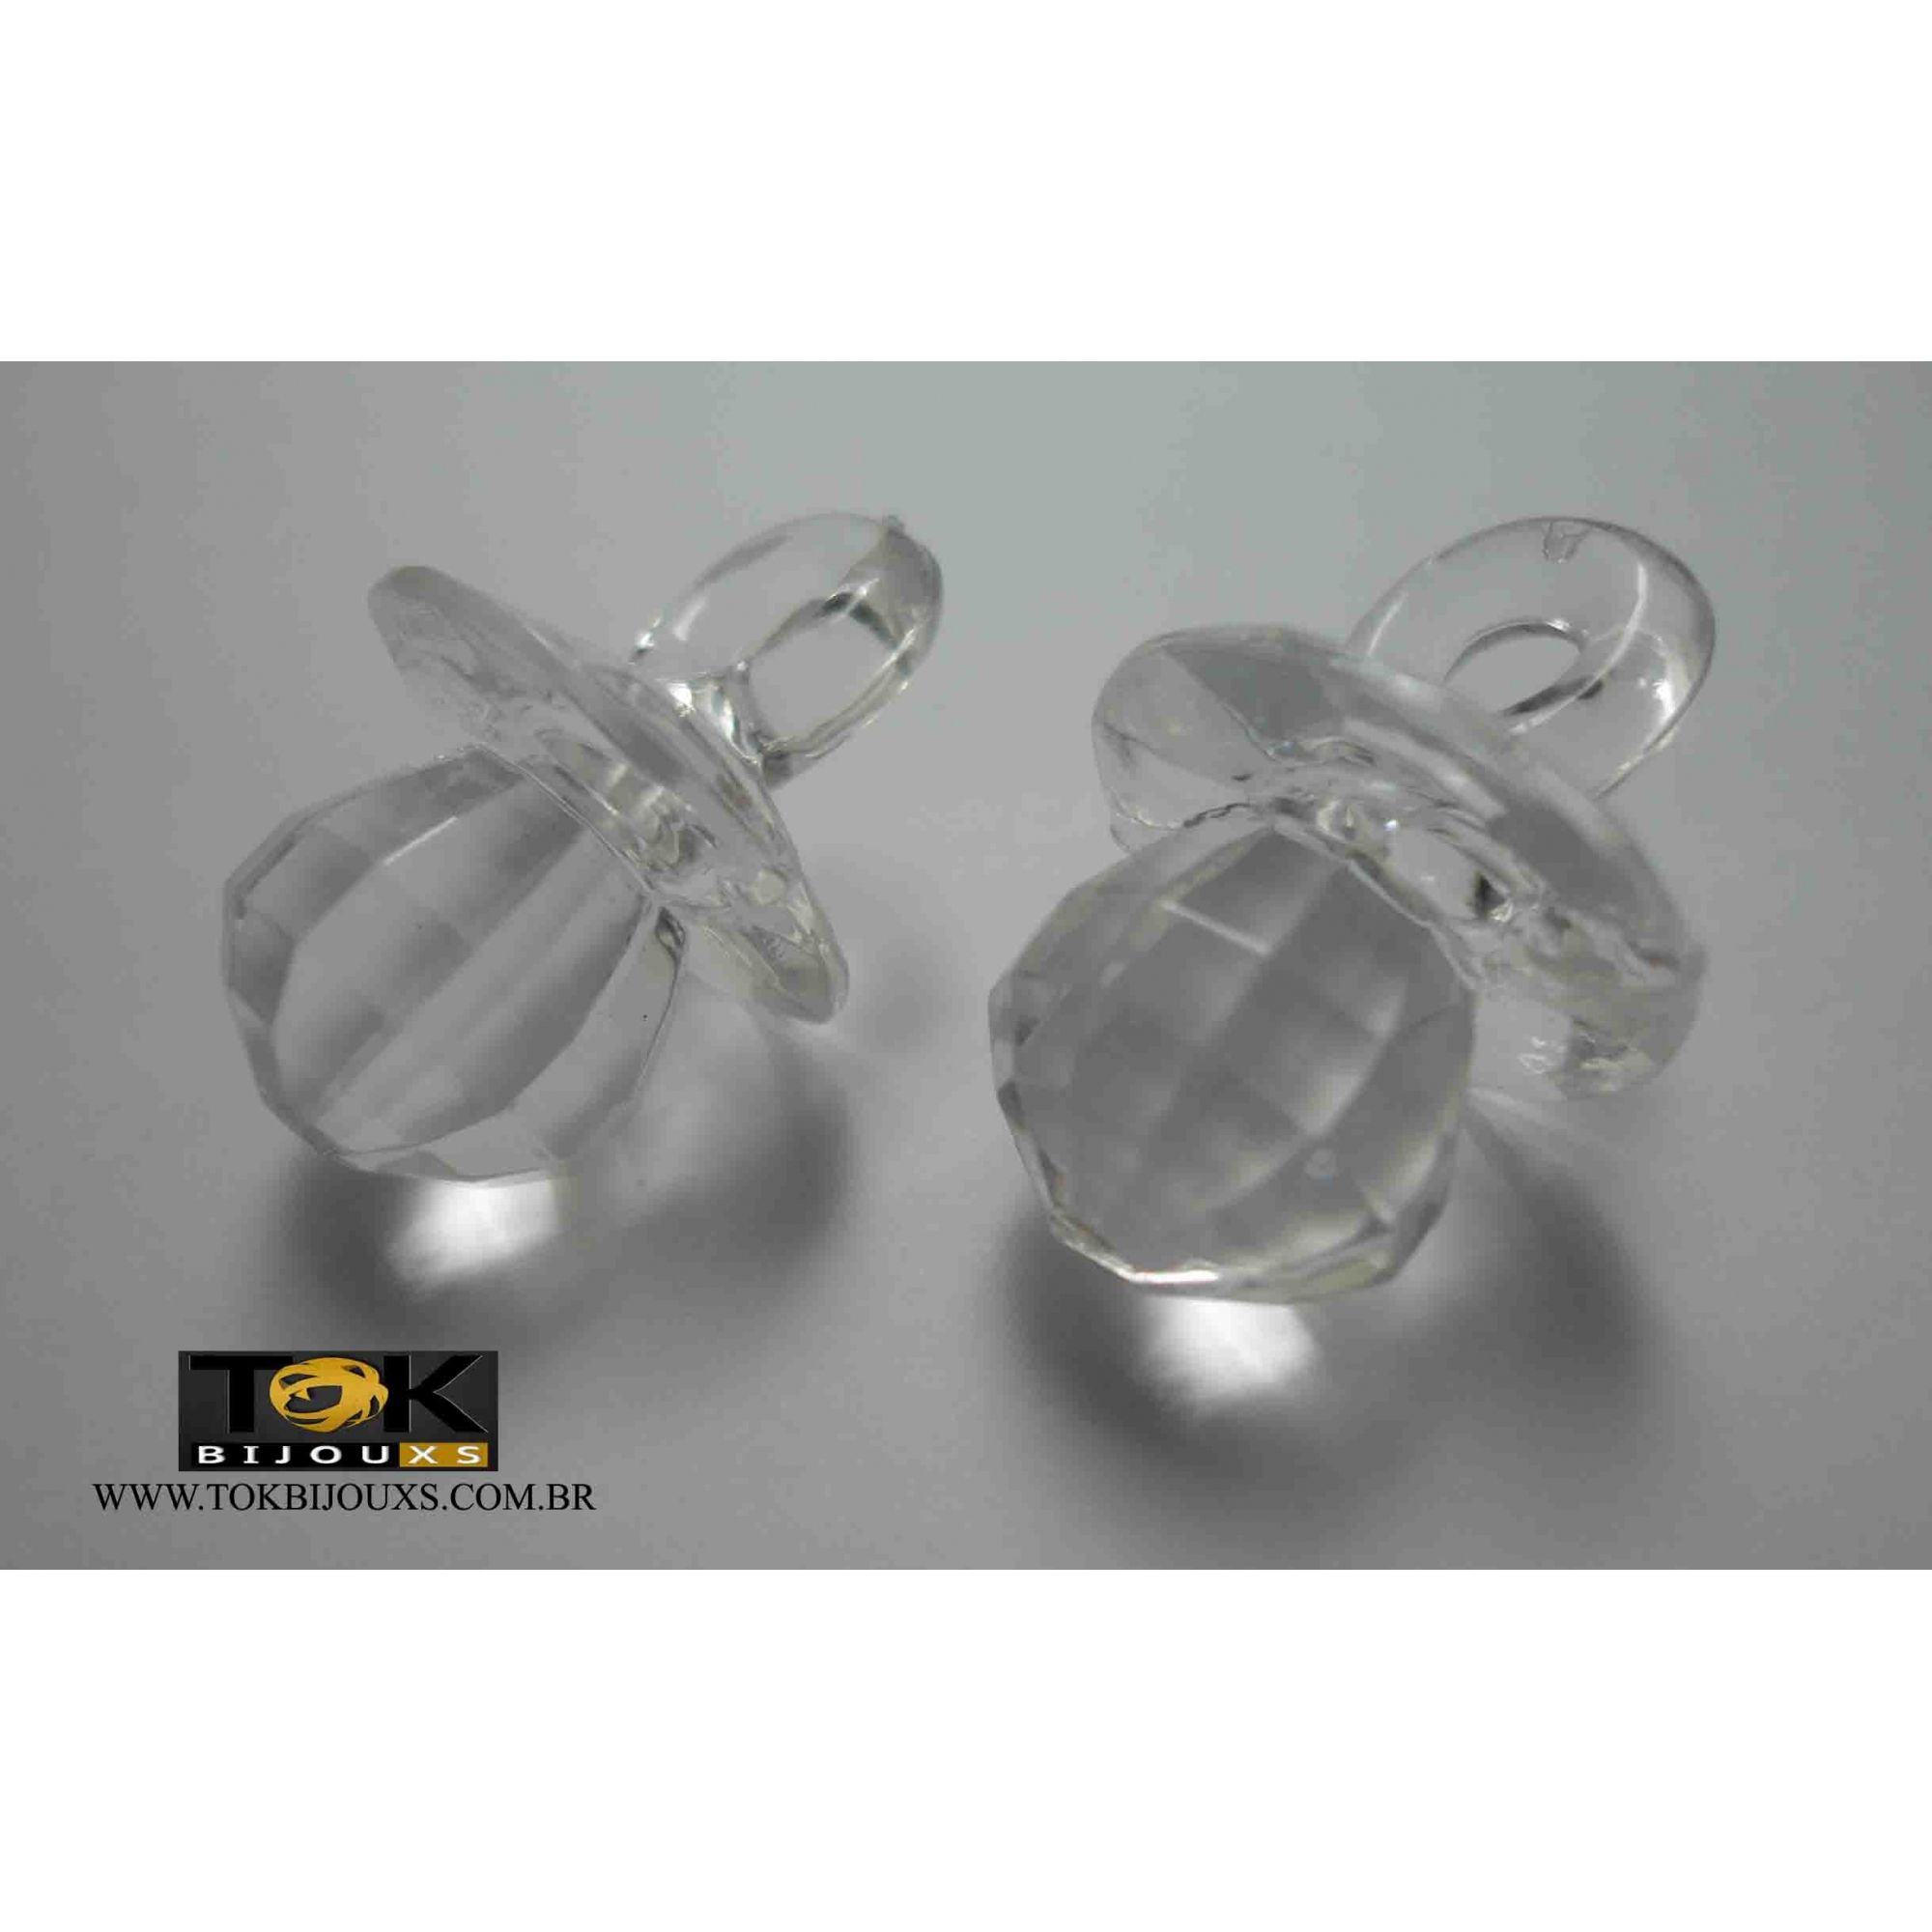 Atacado - Chupeta Acrílica - Transparente - 500g